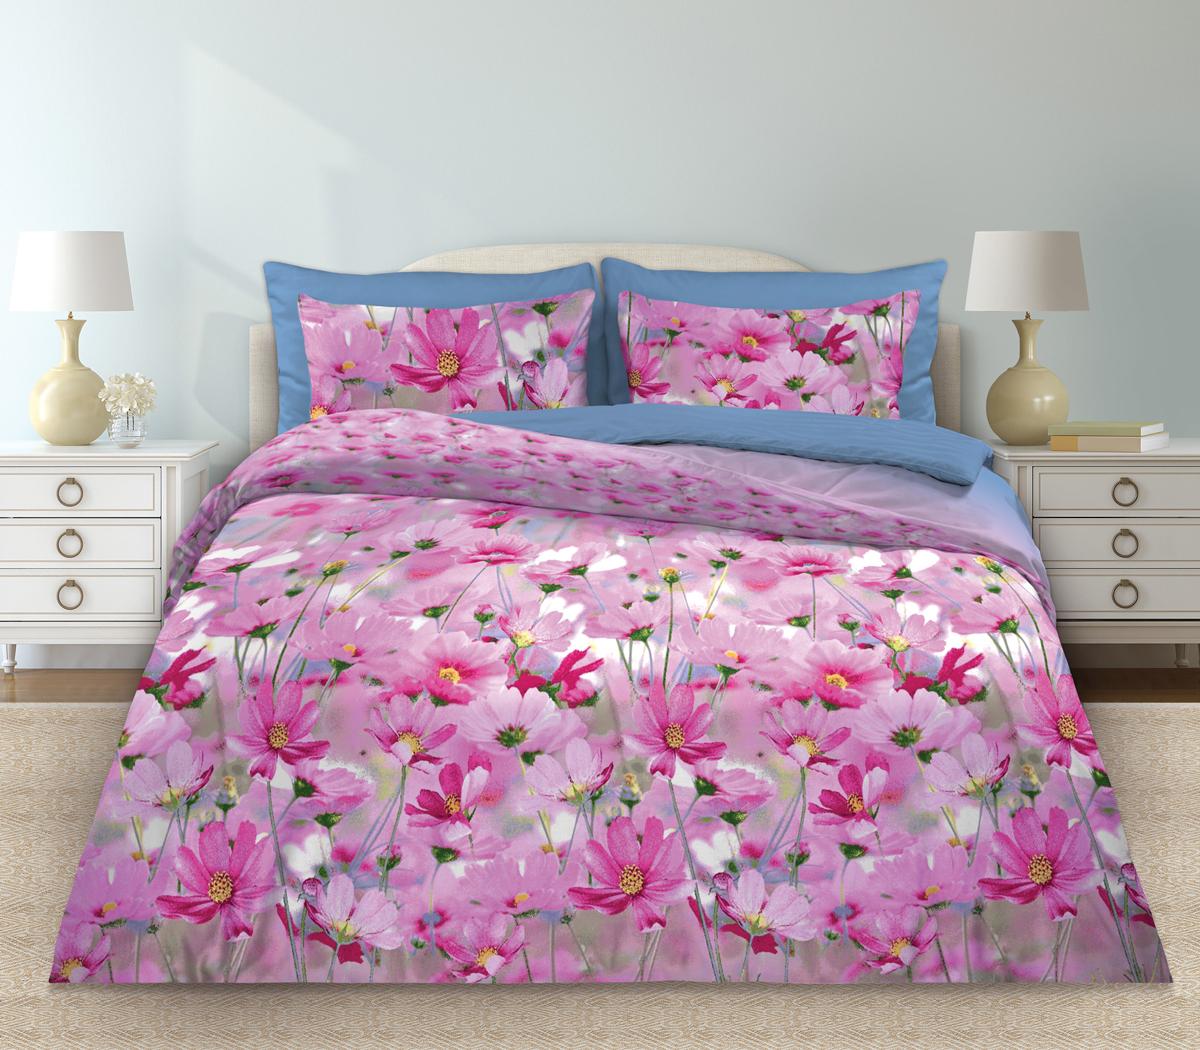 Комплект белья Любимый дом Скарлетт, 1,5 спальное, наволочки 70 х 70, цвет: розовый. 331087331087Комплект постельного белья коллекции «Любимый дом» - выполнен из высококачественной ткани из 100% хлопка. Такое белье абсолютно натуральное, гипоаллергенное, соответствует строжайшим экологическим нормам безопасности, комфортное, дышащее, не нарушает естественные процессы терморегуляции, прочное, не линяет, не деформируется и не теряет своих красок даже после многочисленных стирок, а также отличается хорошей износостойкостью.